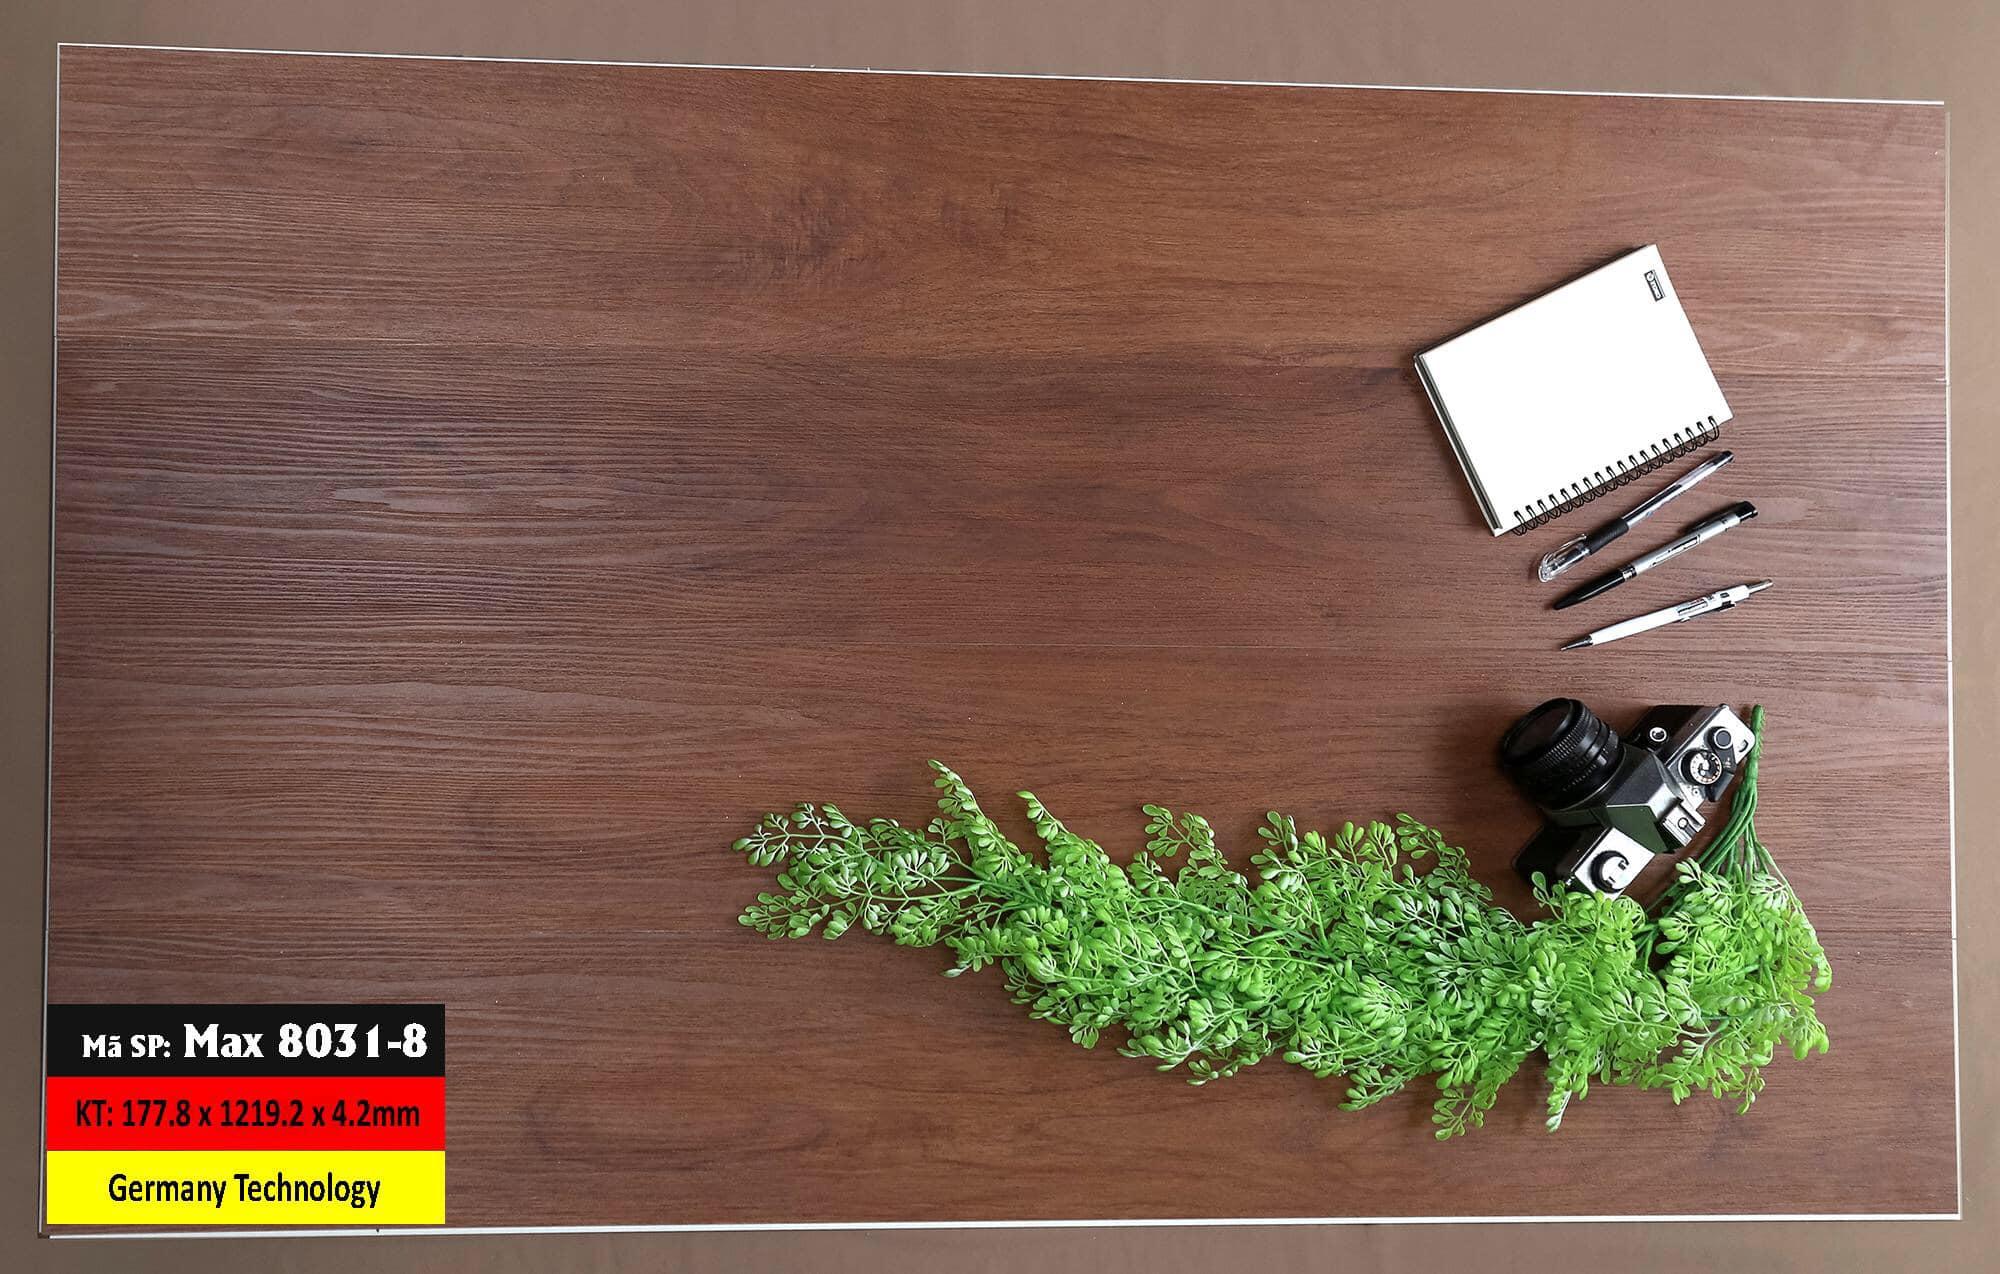 Sàn Nhựa Hèm Khóa Mã 8031-8 Germany